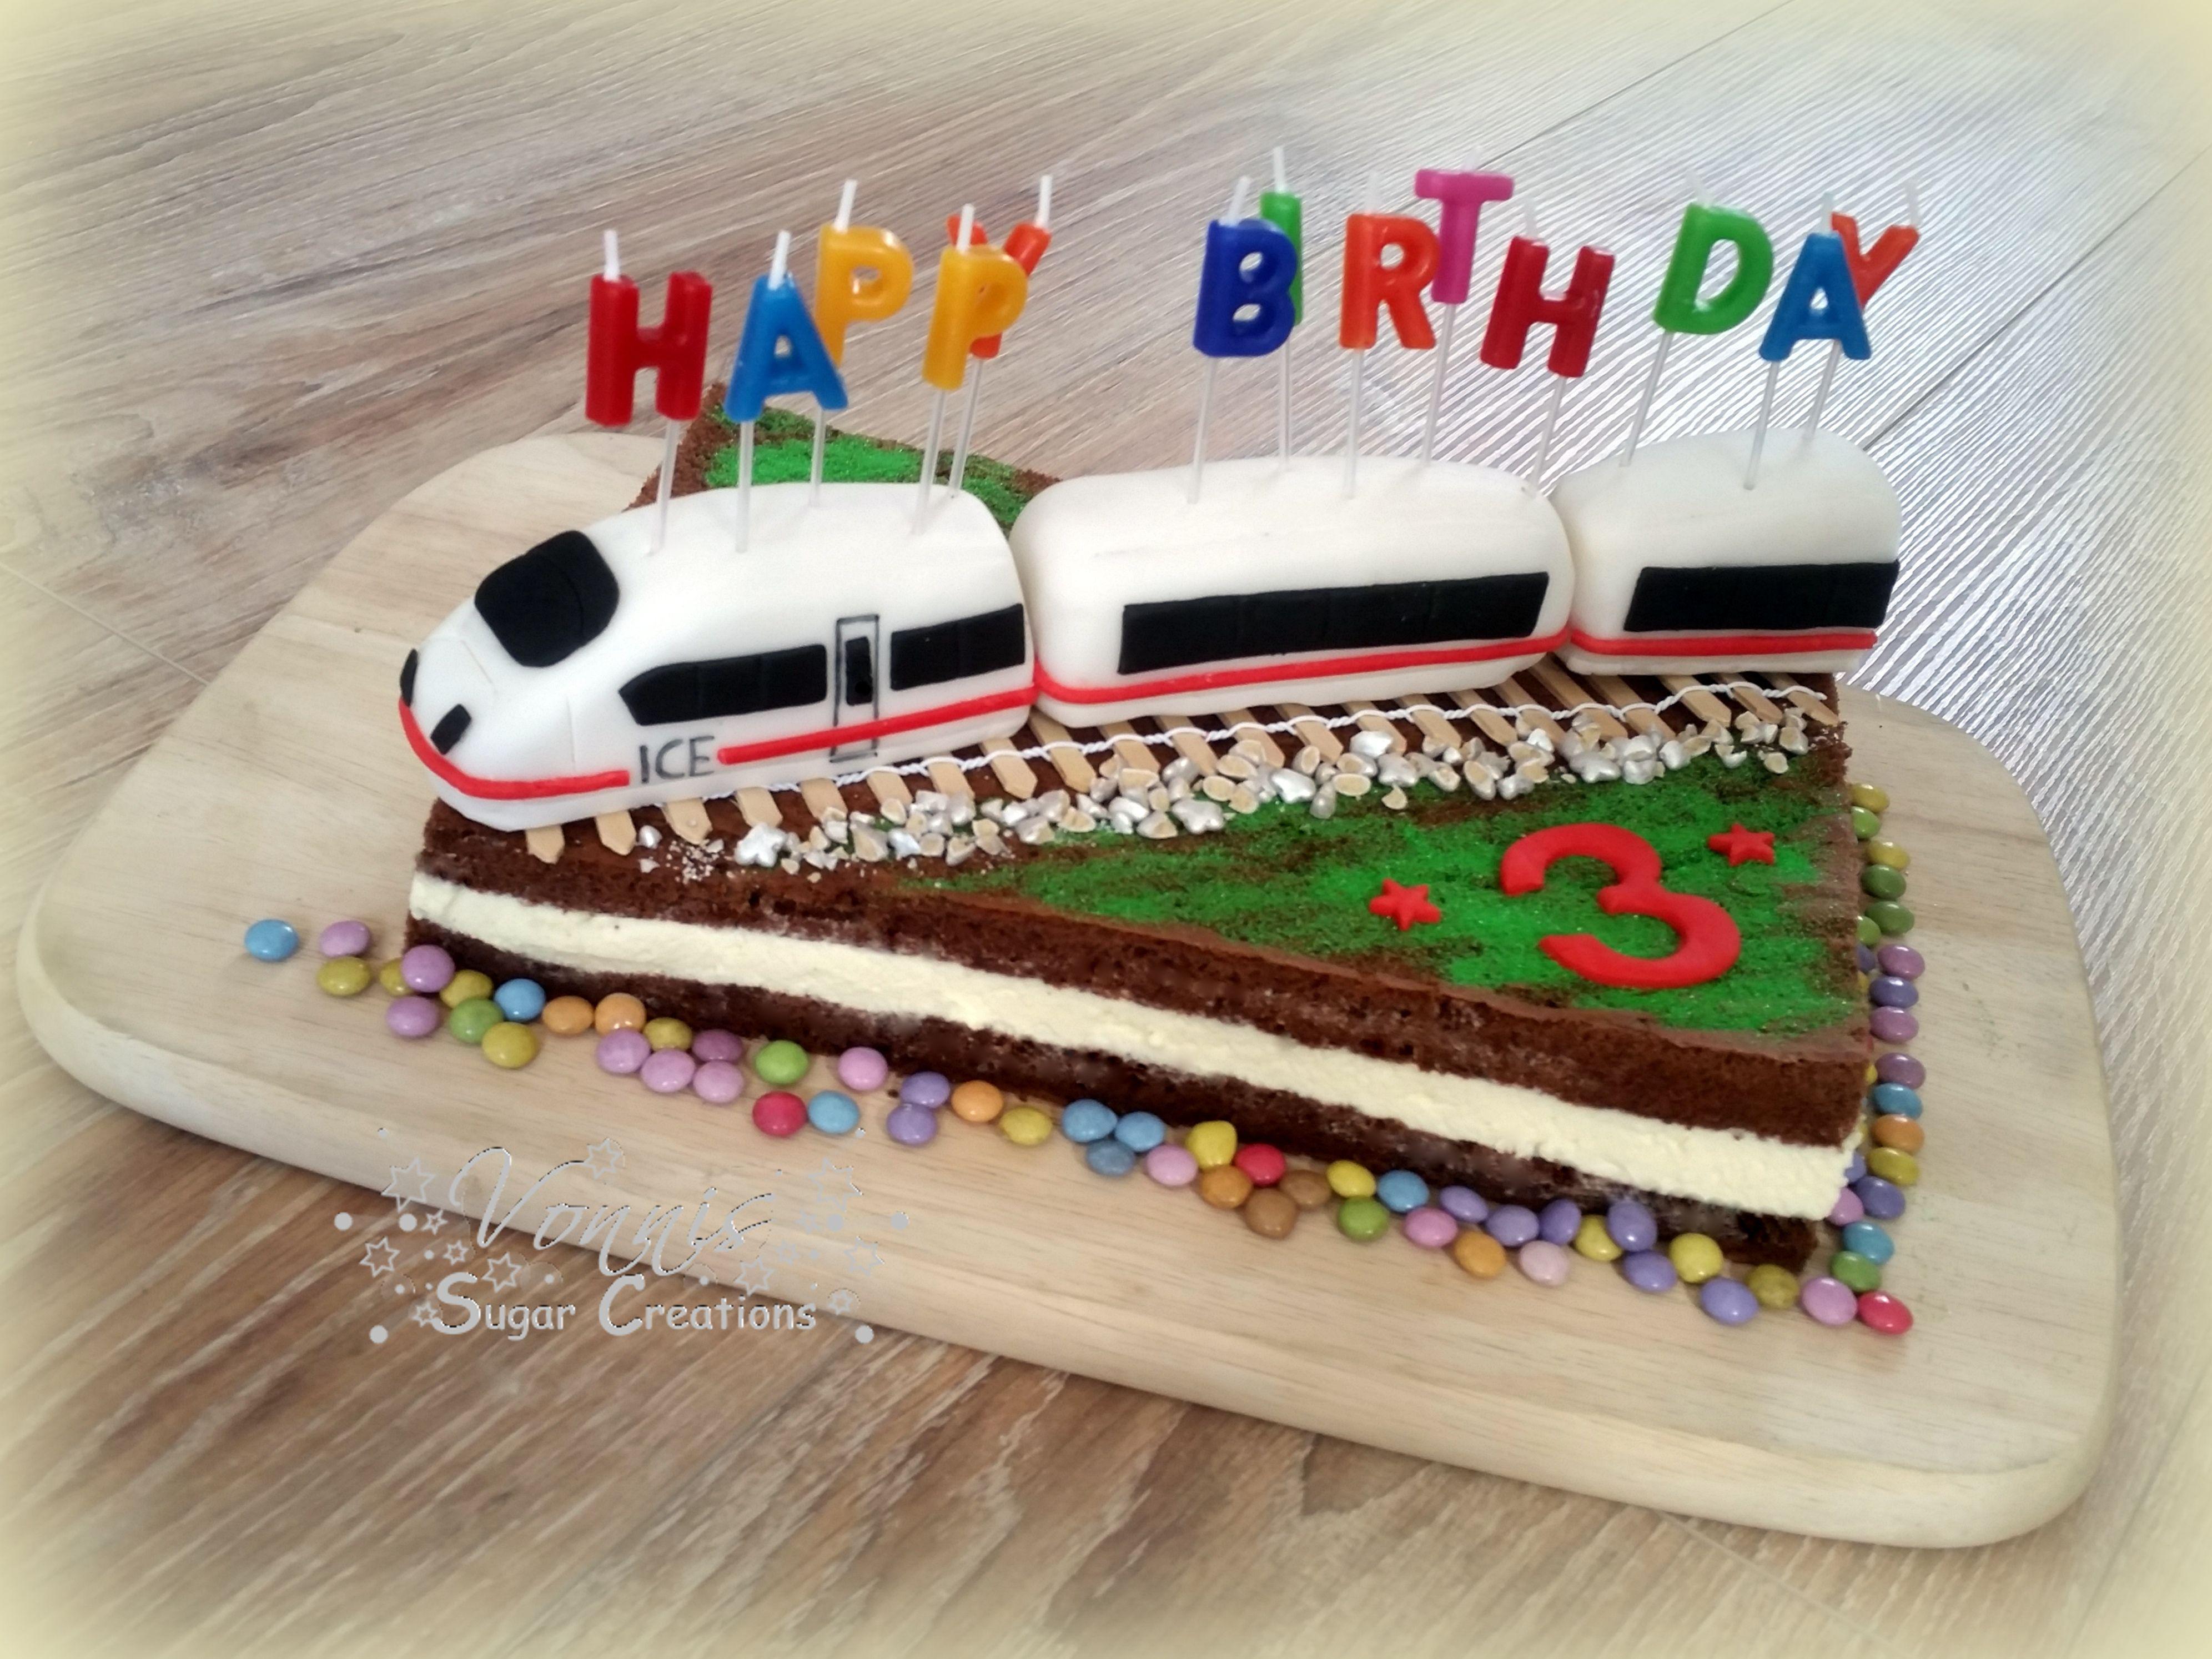 ice train cake fondant 3 birthday child boy milchschnitte kuchen torte geburtstag kinder vonnis. Black Bedroom Furniture Sets. Home Design Ideas